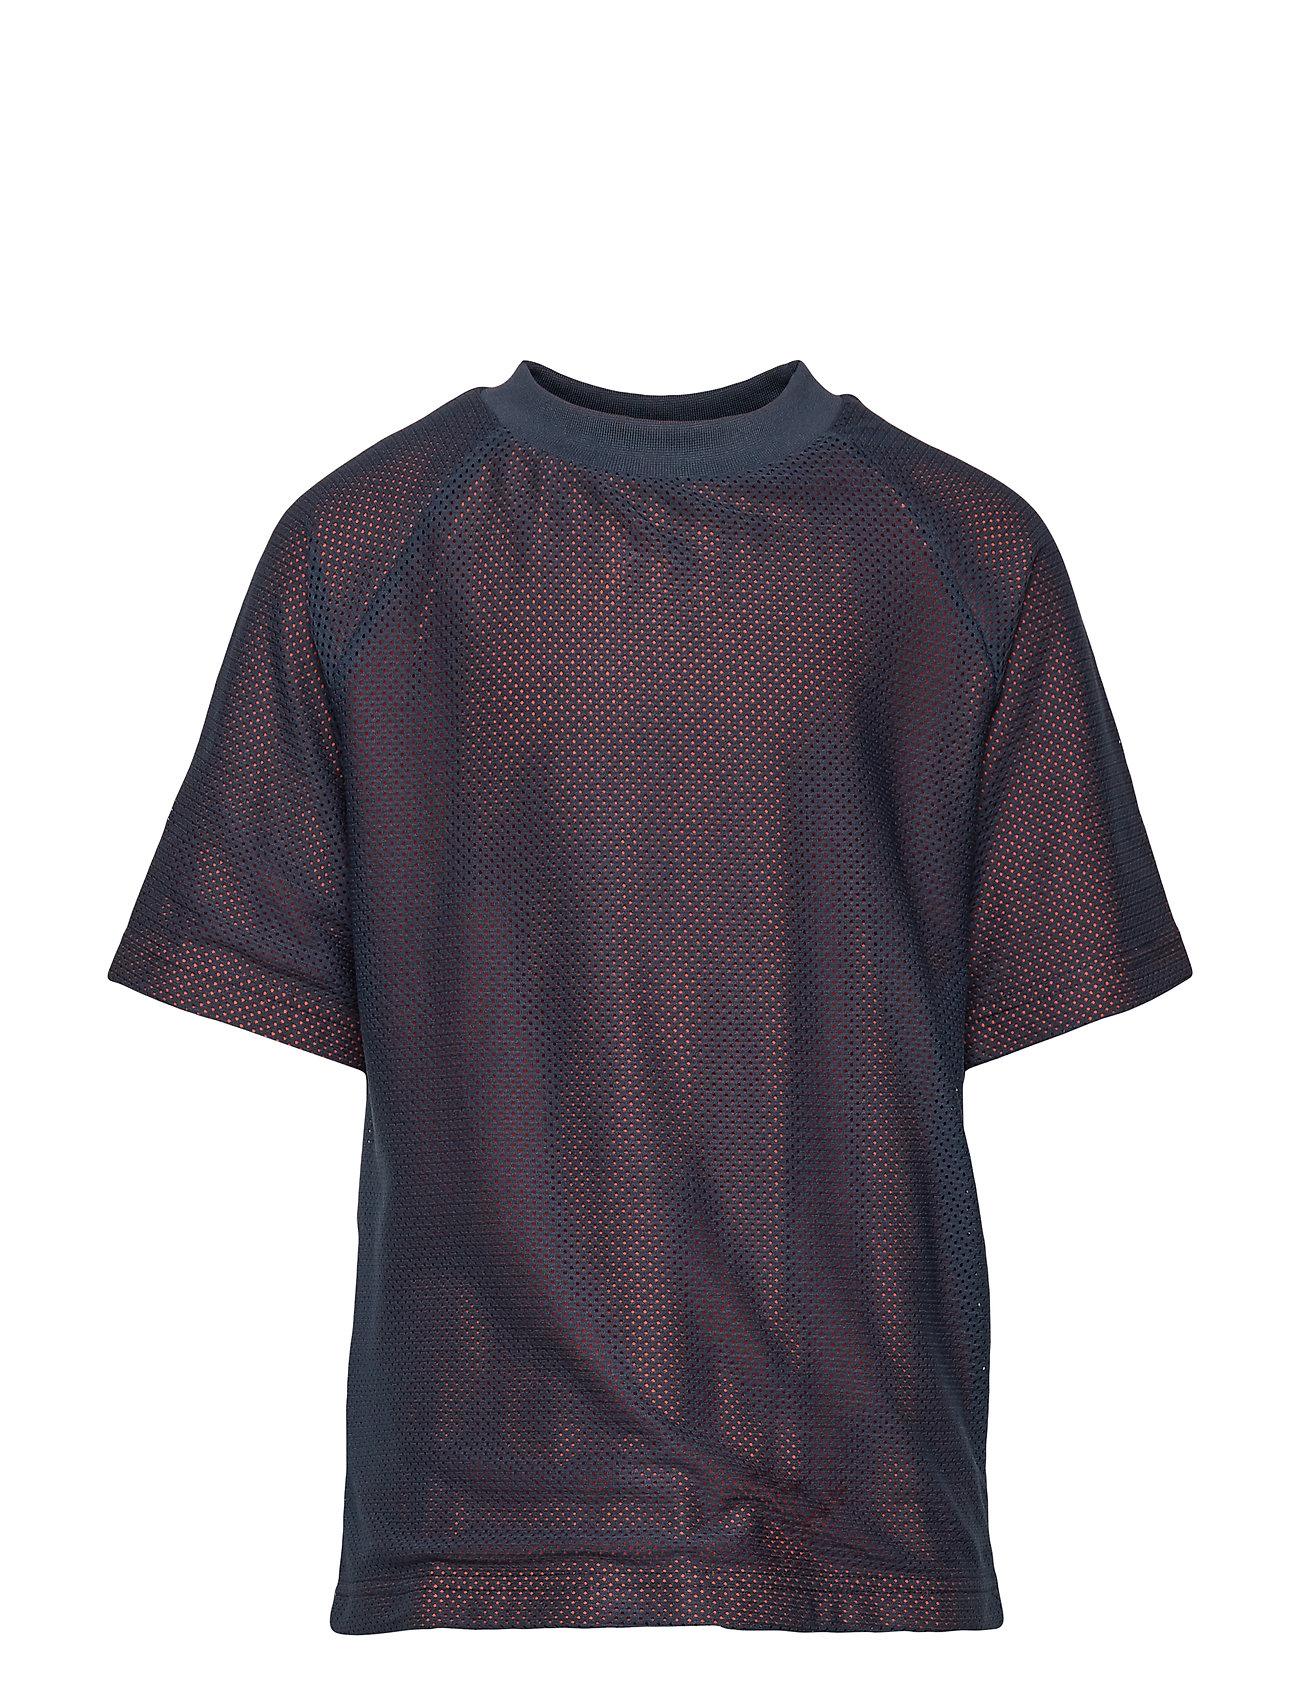 Unauthorized Lorenzo T-shirt - BLUE NIGHTS